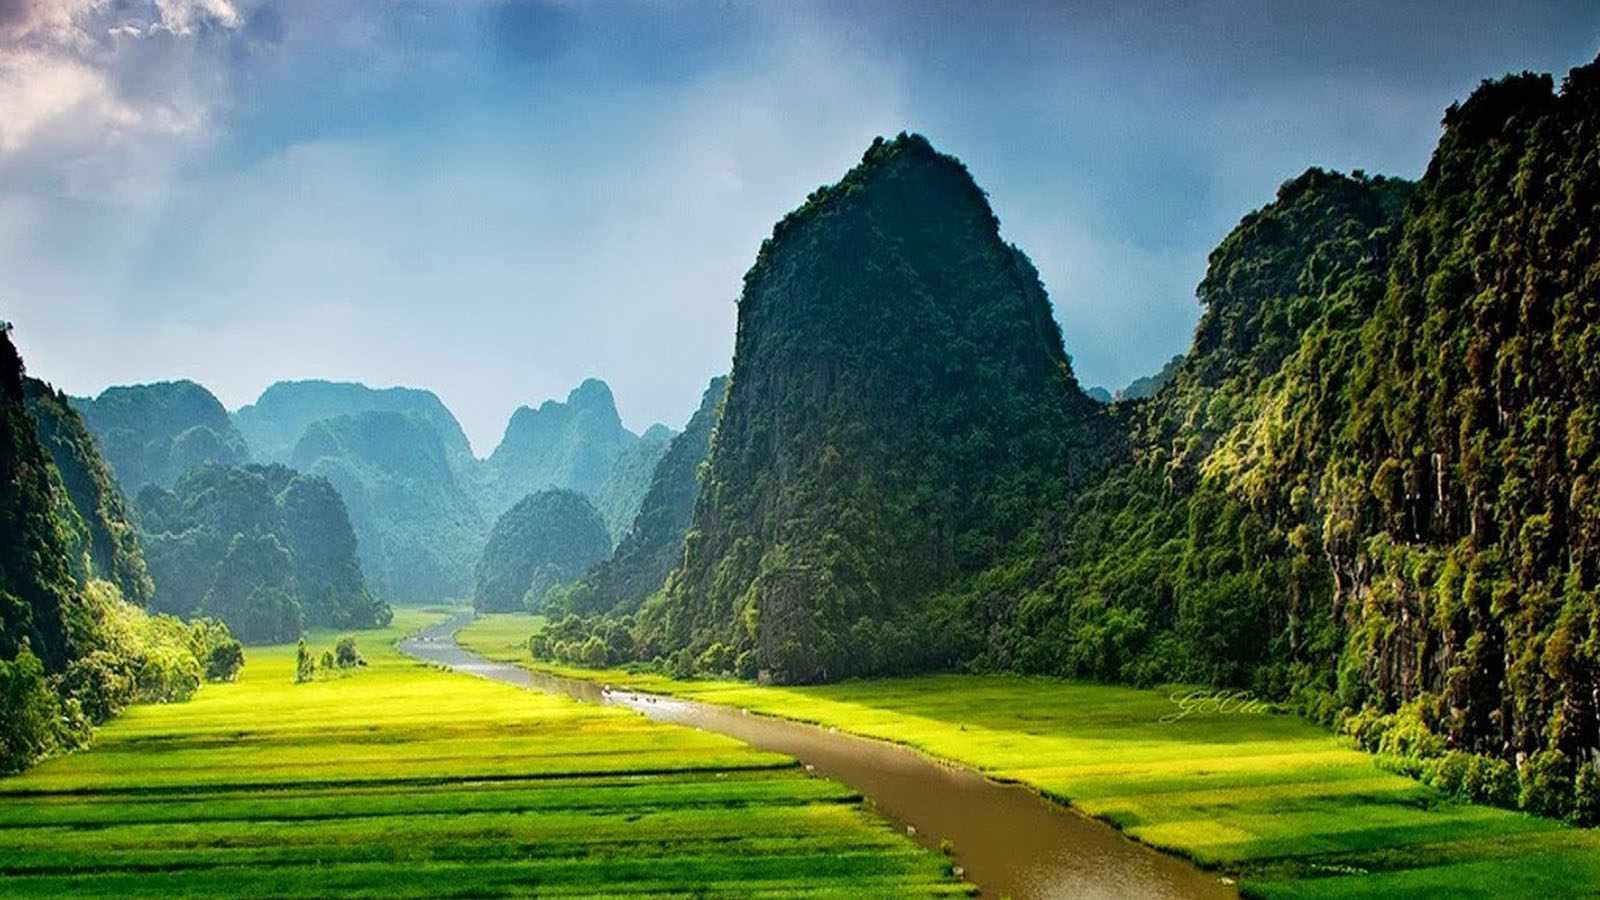 Tam Cốc - Bích Động gây ấn tượng với những dãy núi đá kỳ vĩ xen những cánh đồng lúa mênh mông. Tour du lich Ninh Binh.